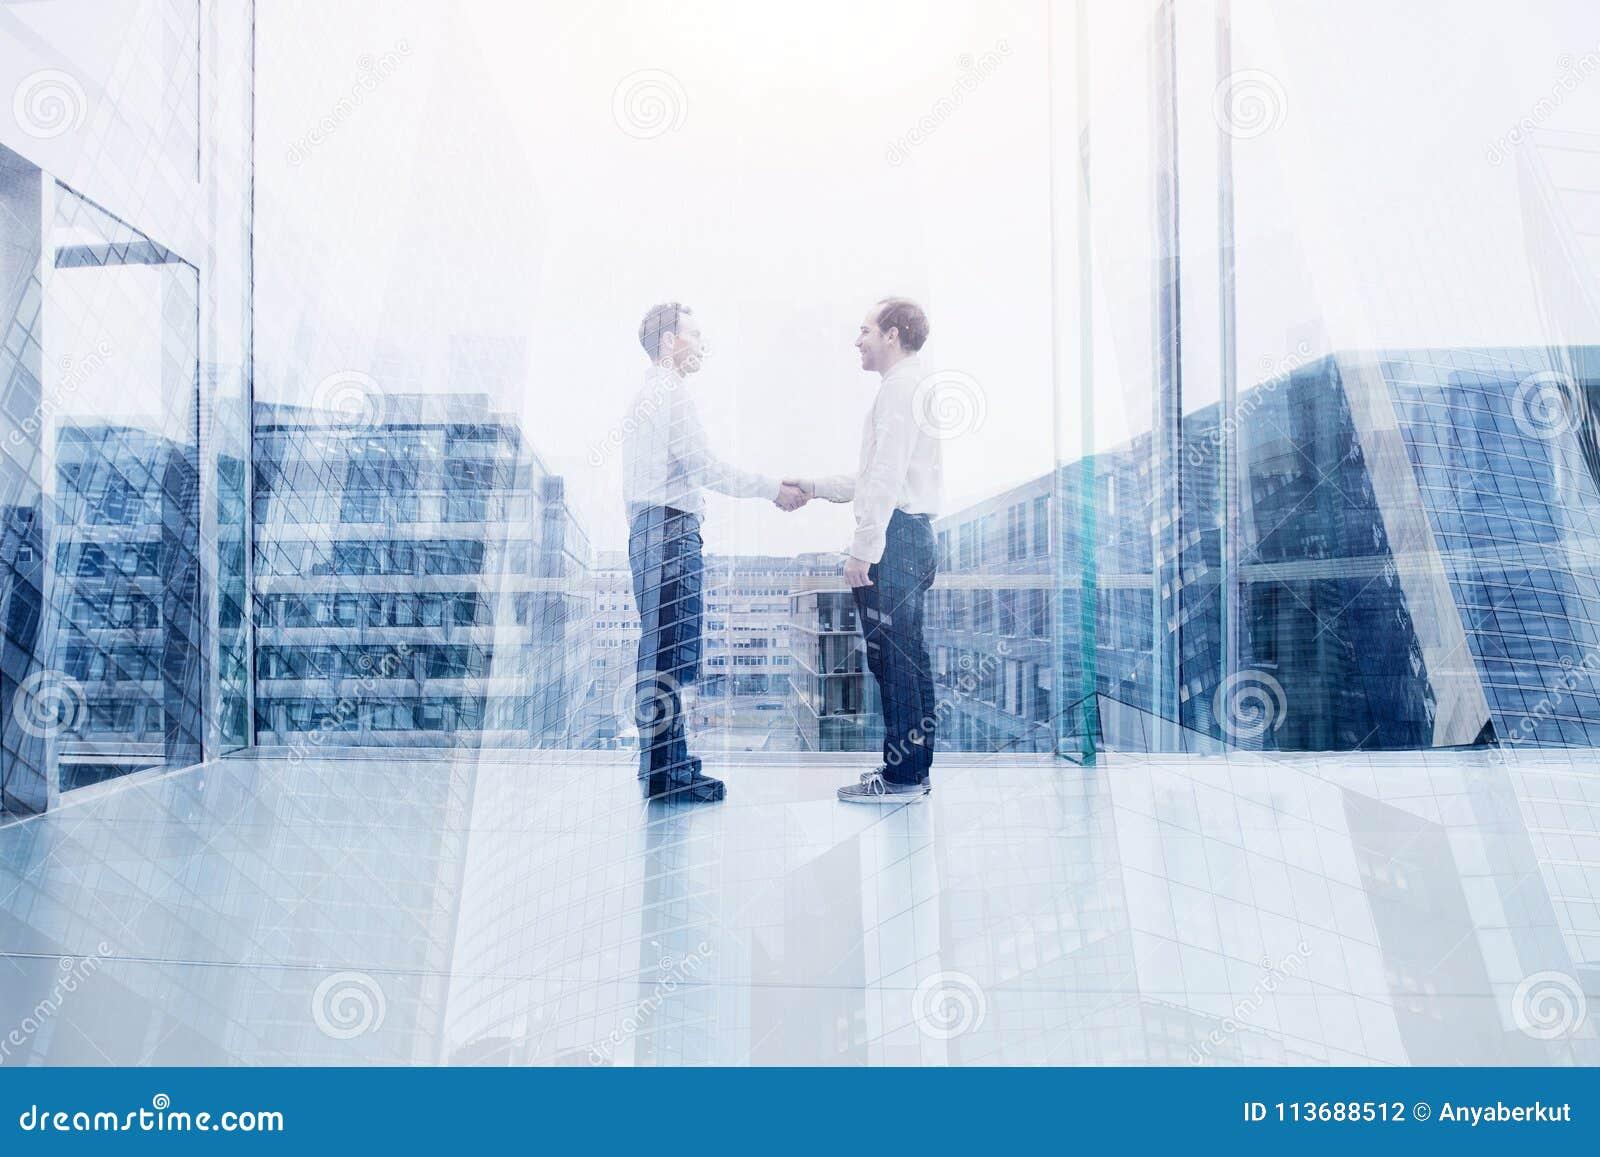 Samarbete, affärsavtal eller samarbetsbegrepp